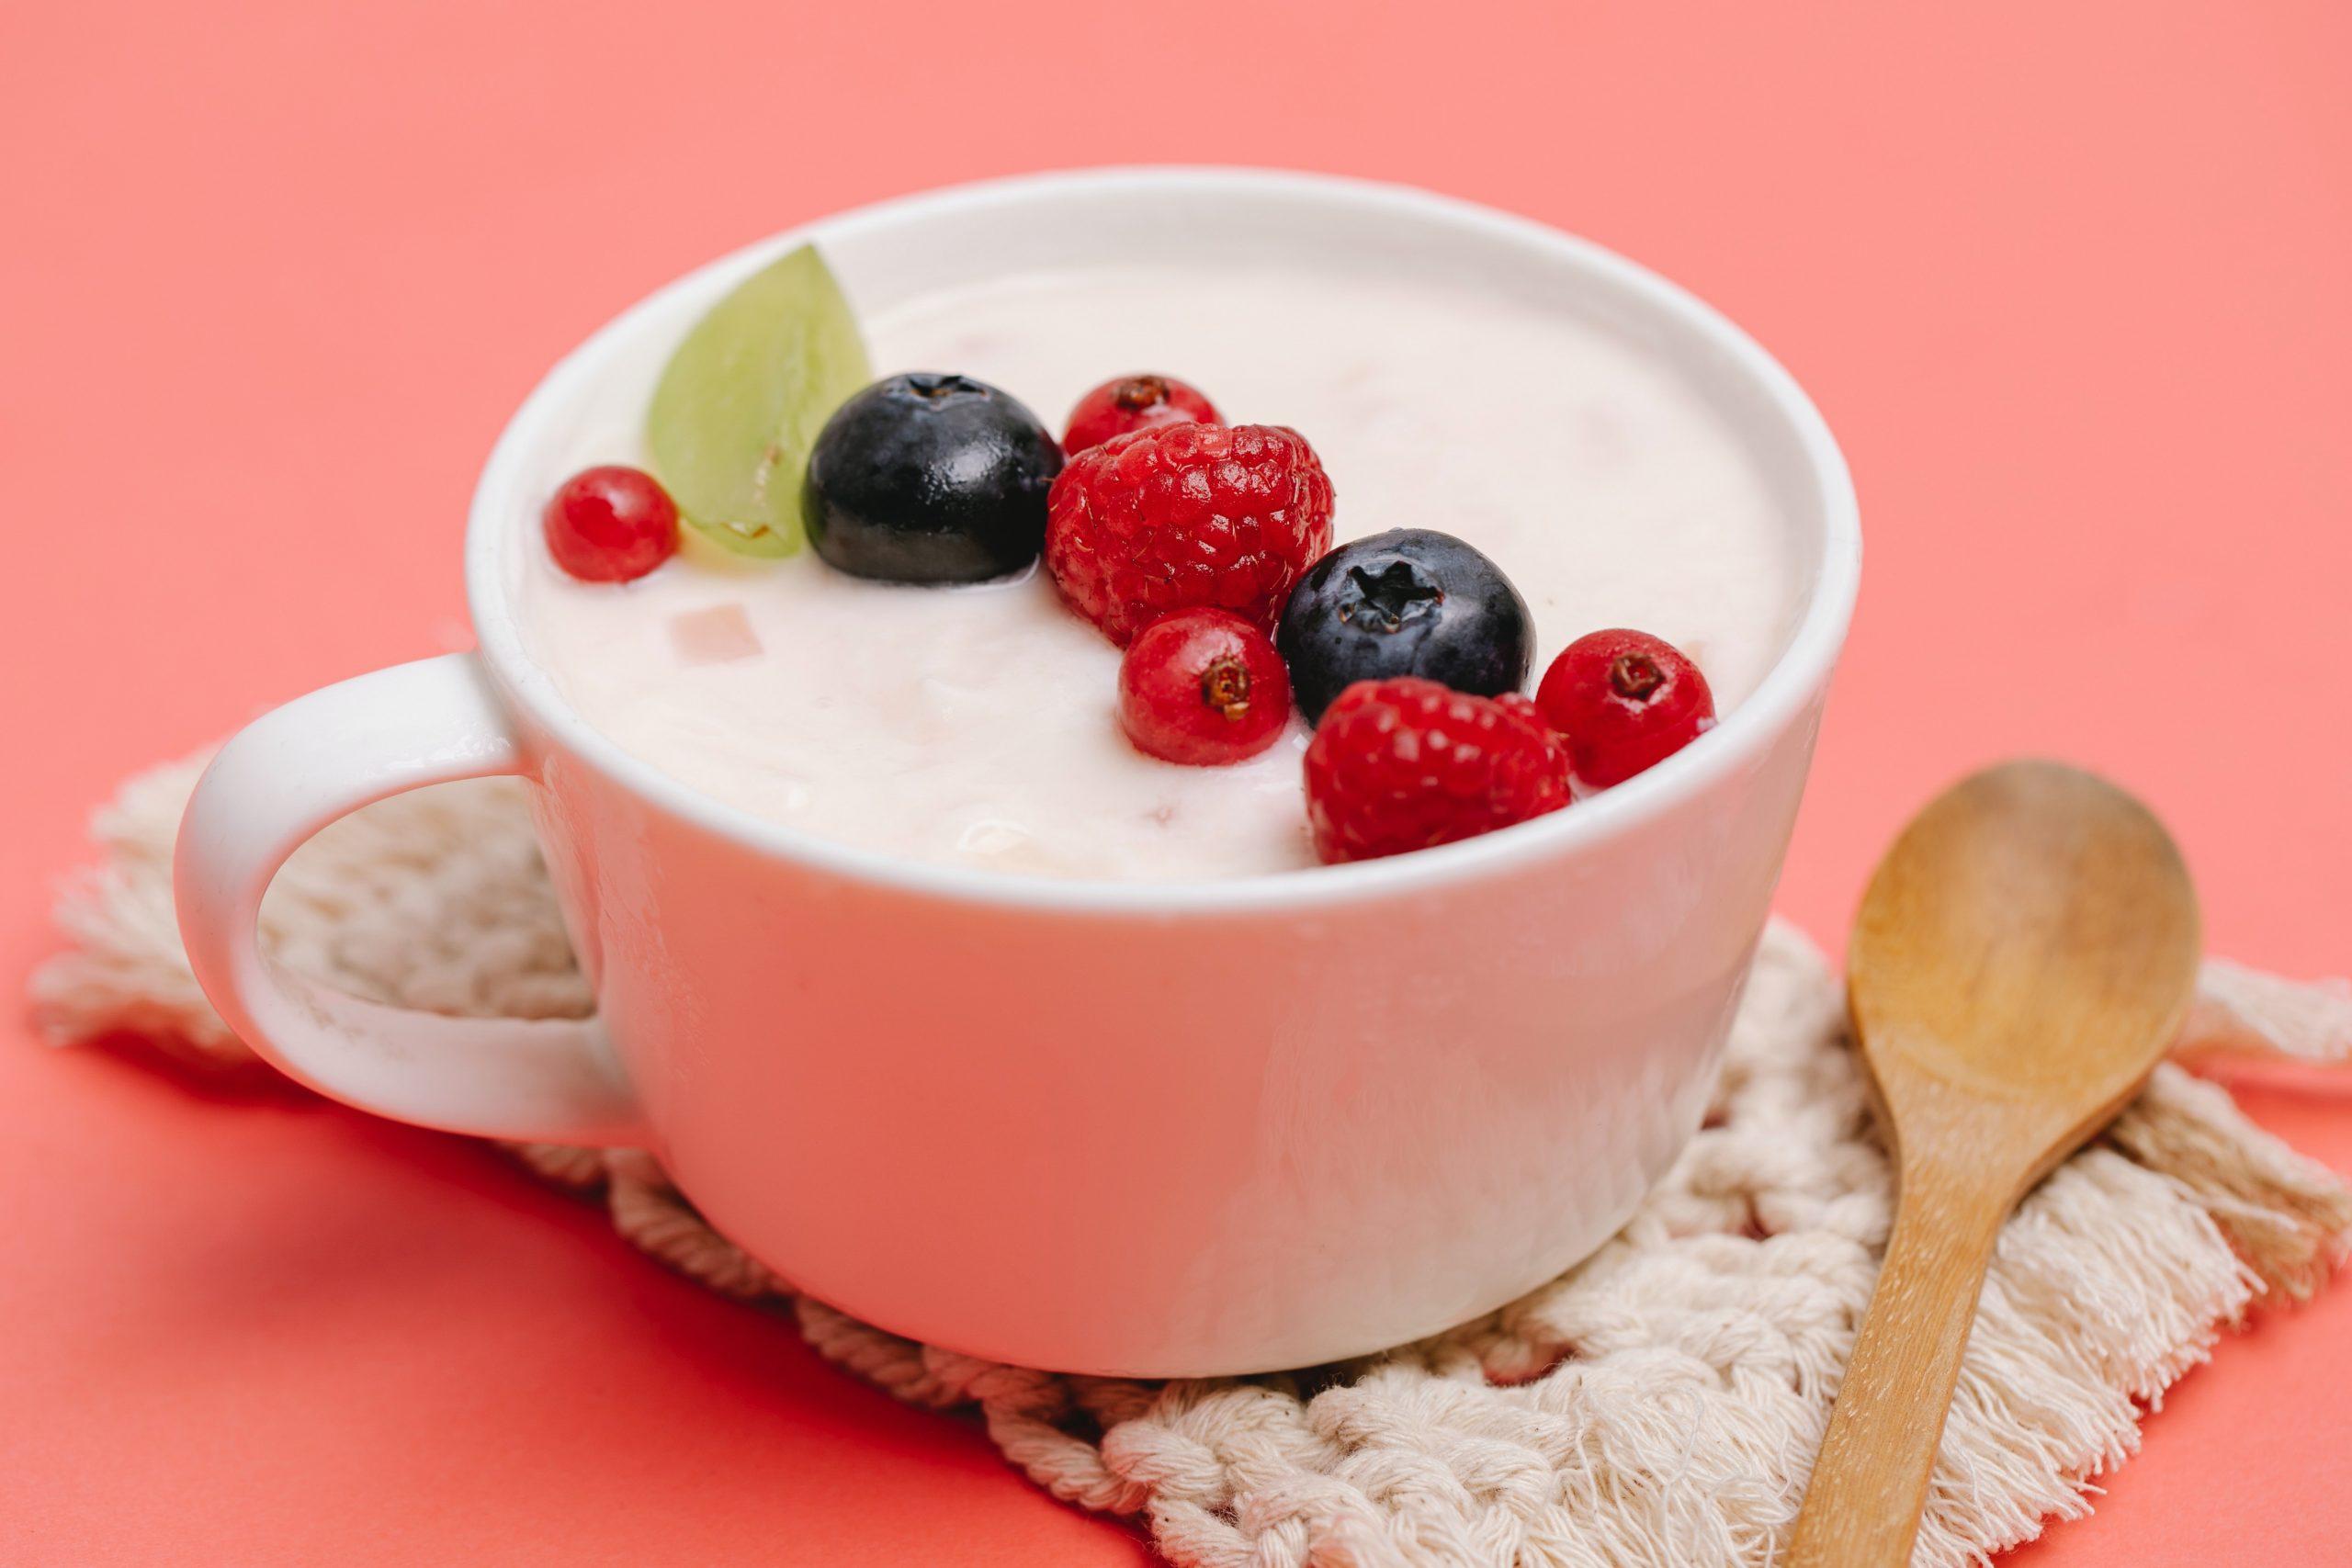 tigela com frutas vermelhas e iogurte preparado na melhor iogurteira